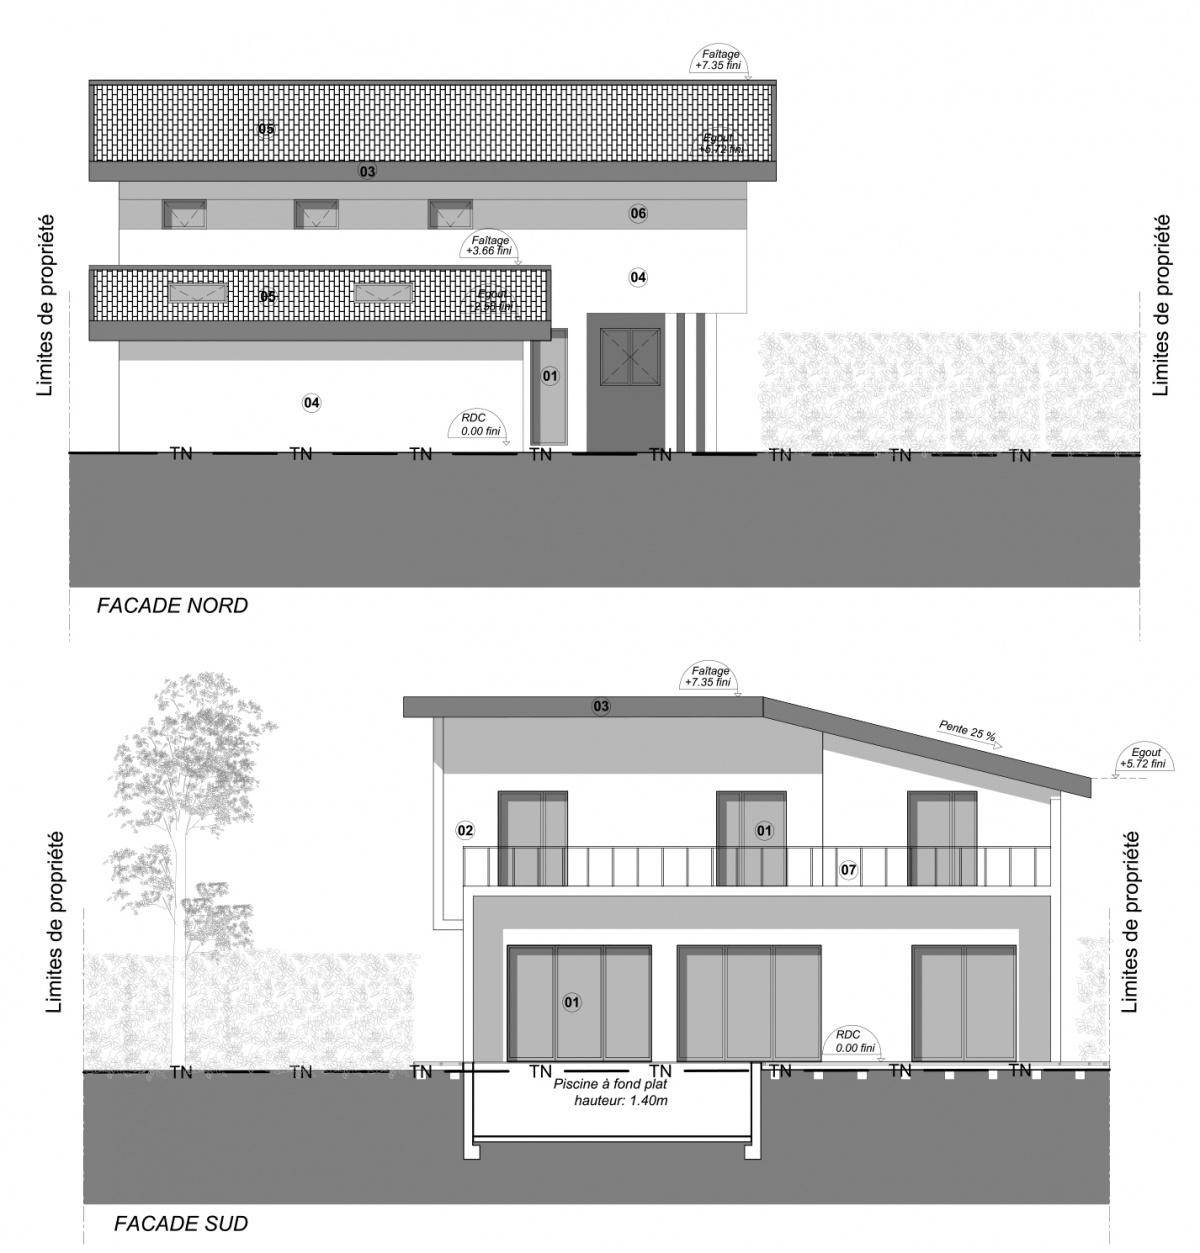 Maison avec studette : FACADES_NS